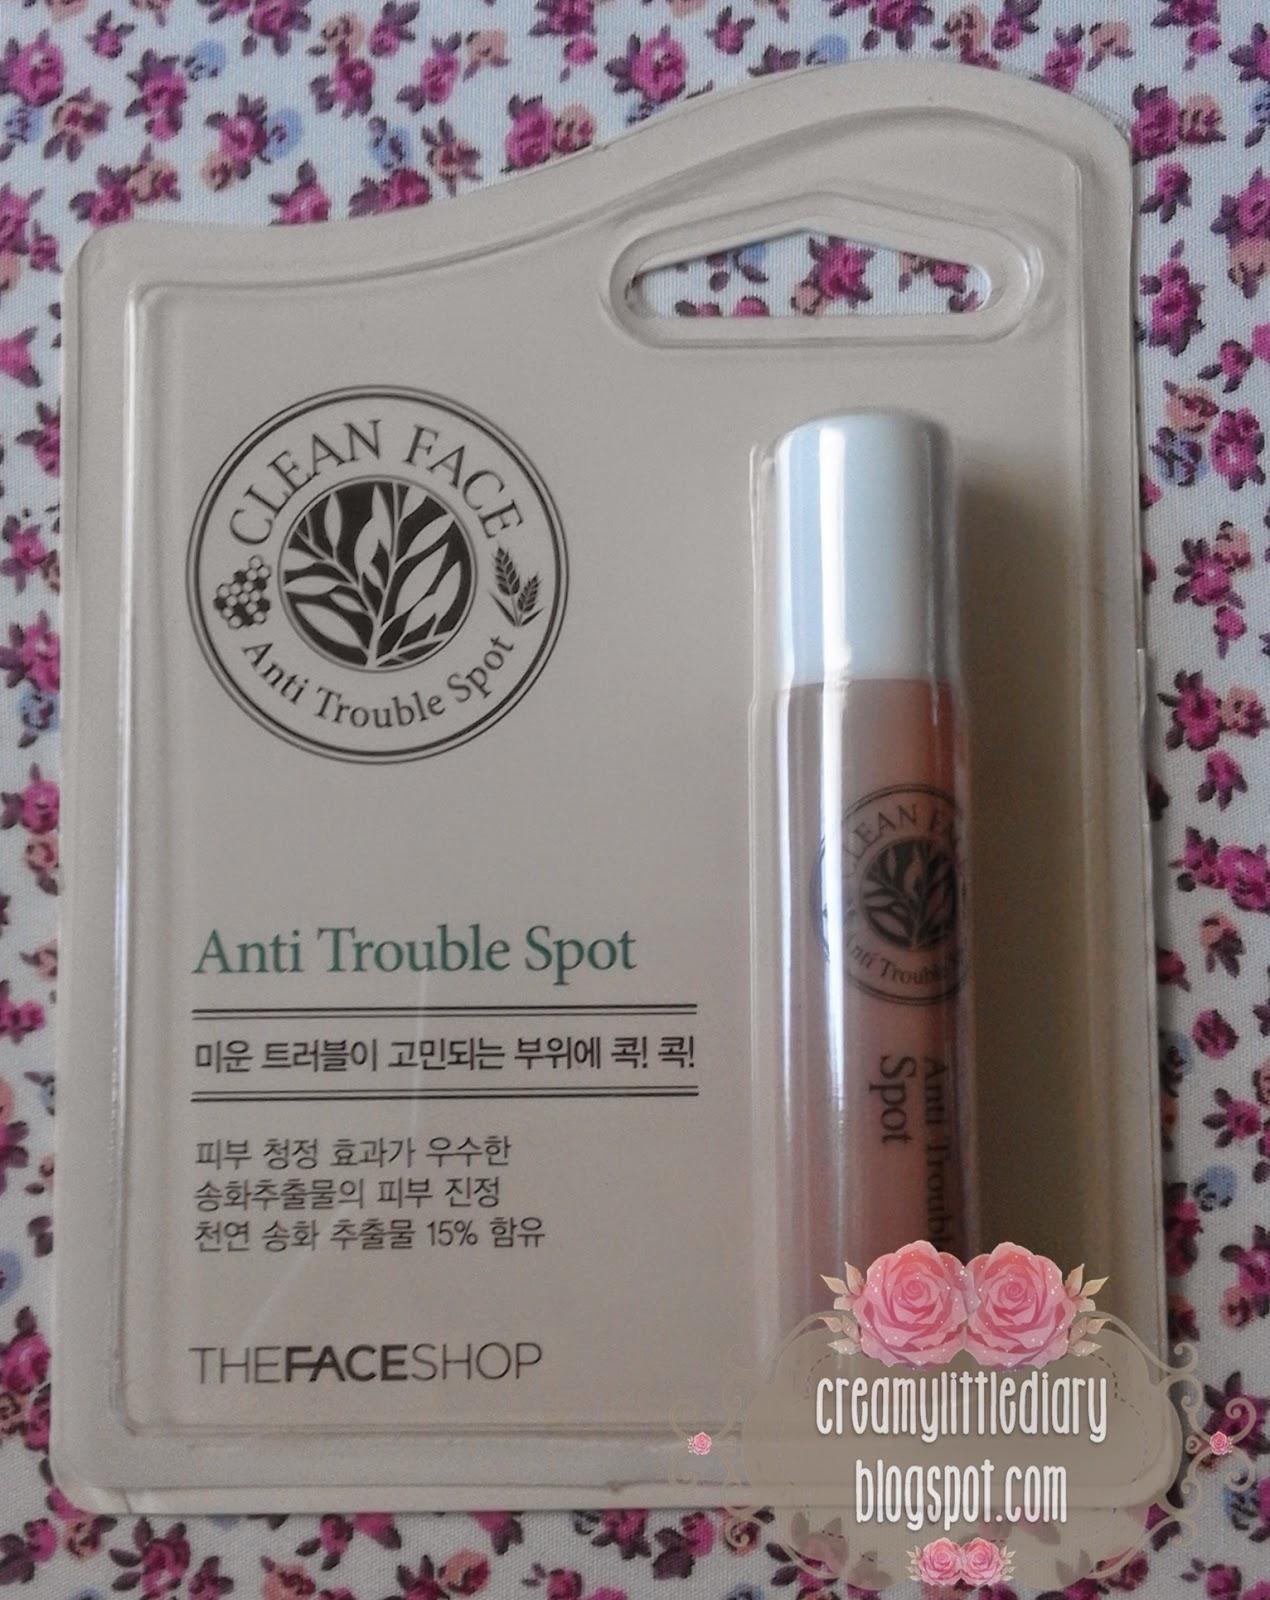 Review : Hilangkan Jerawat Dengan The Face Shop Clean Face Anti Trouble Spot